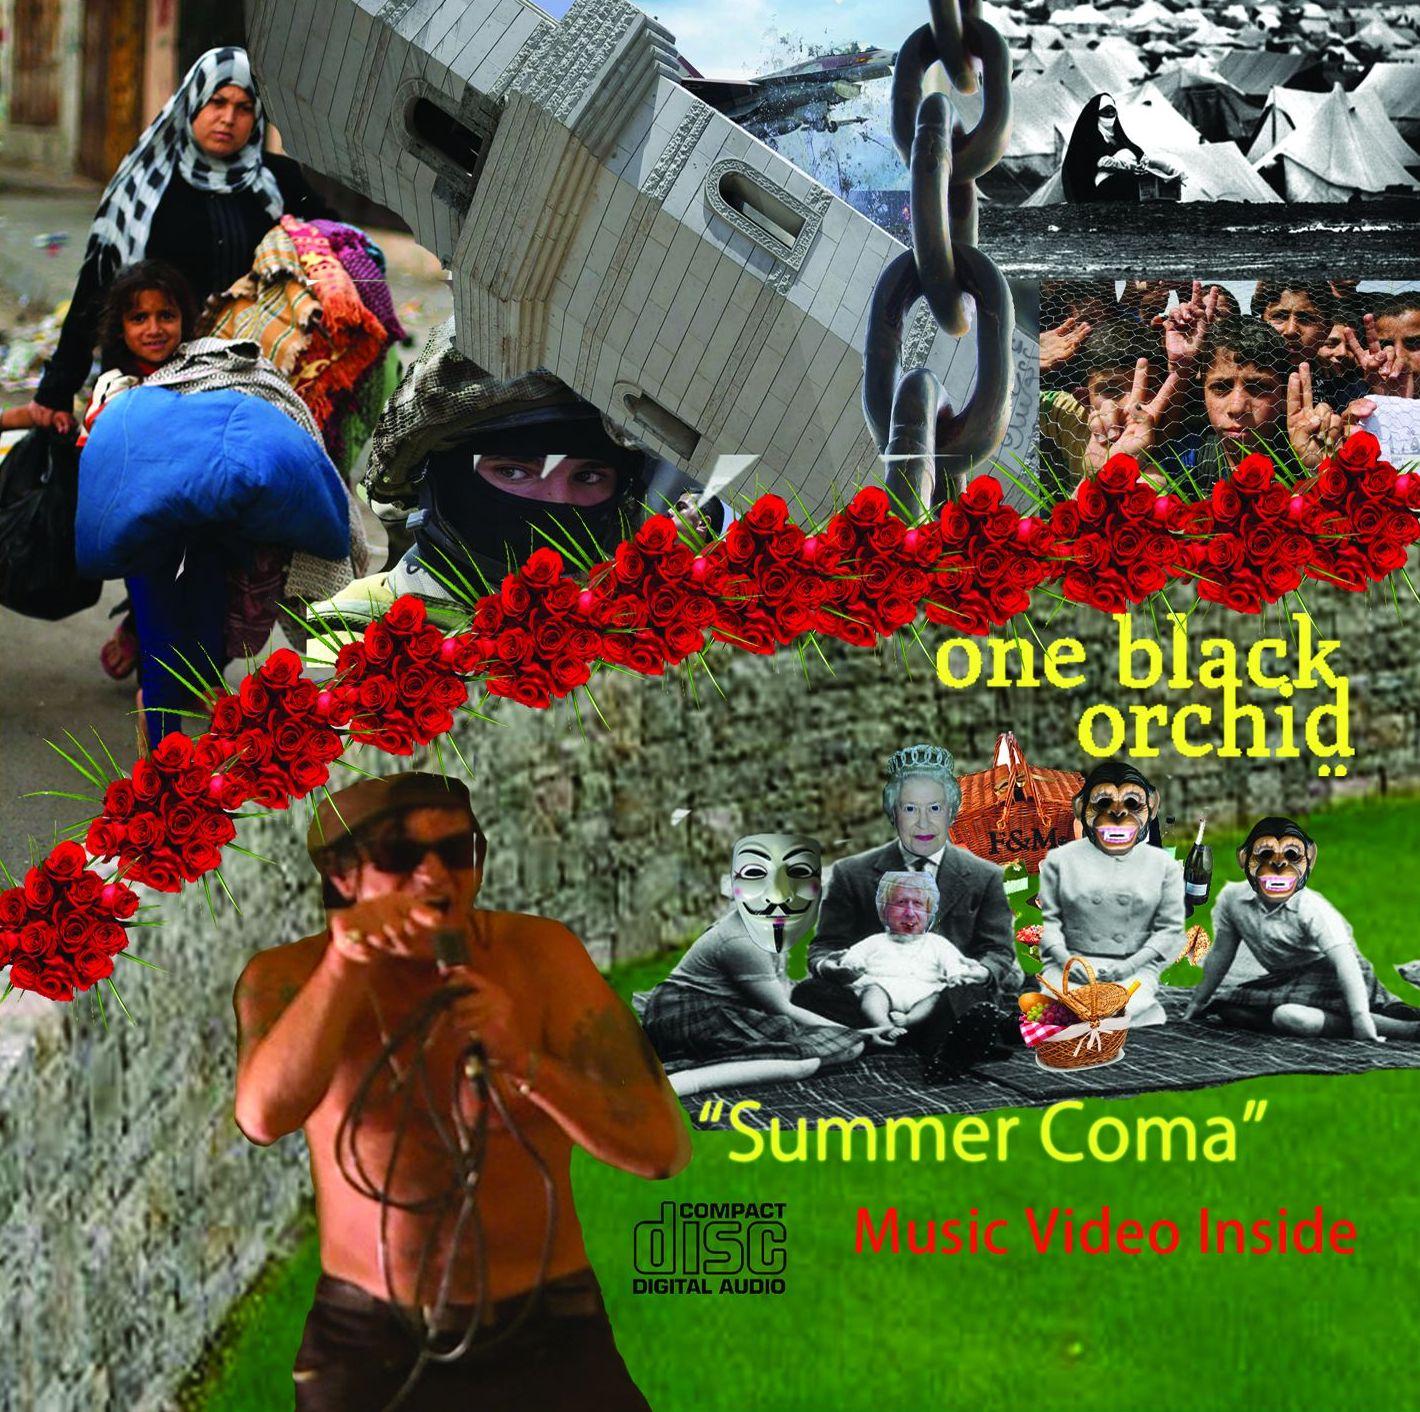 Summer Coma Indie Rock Protest Music Album